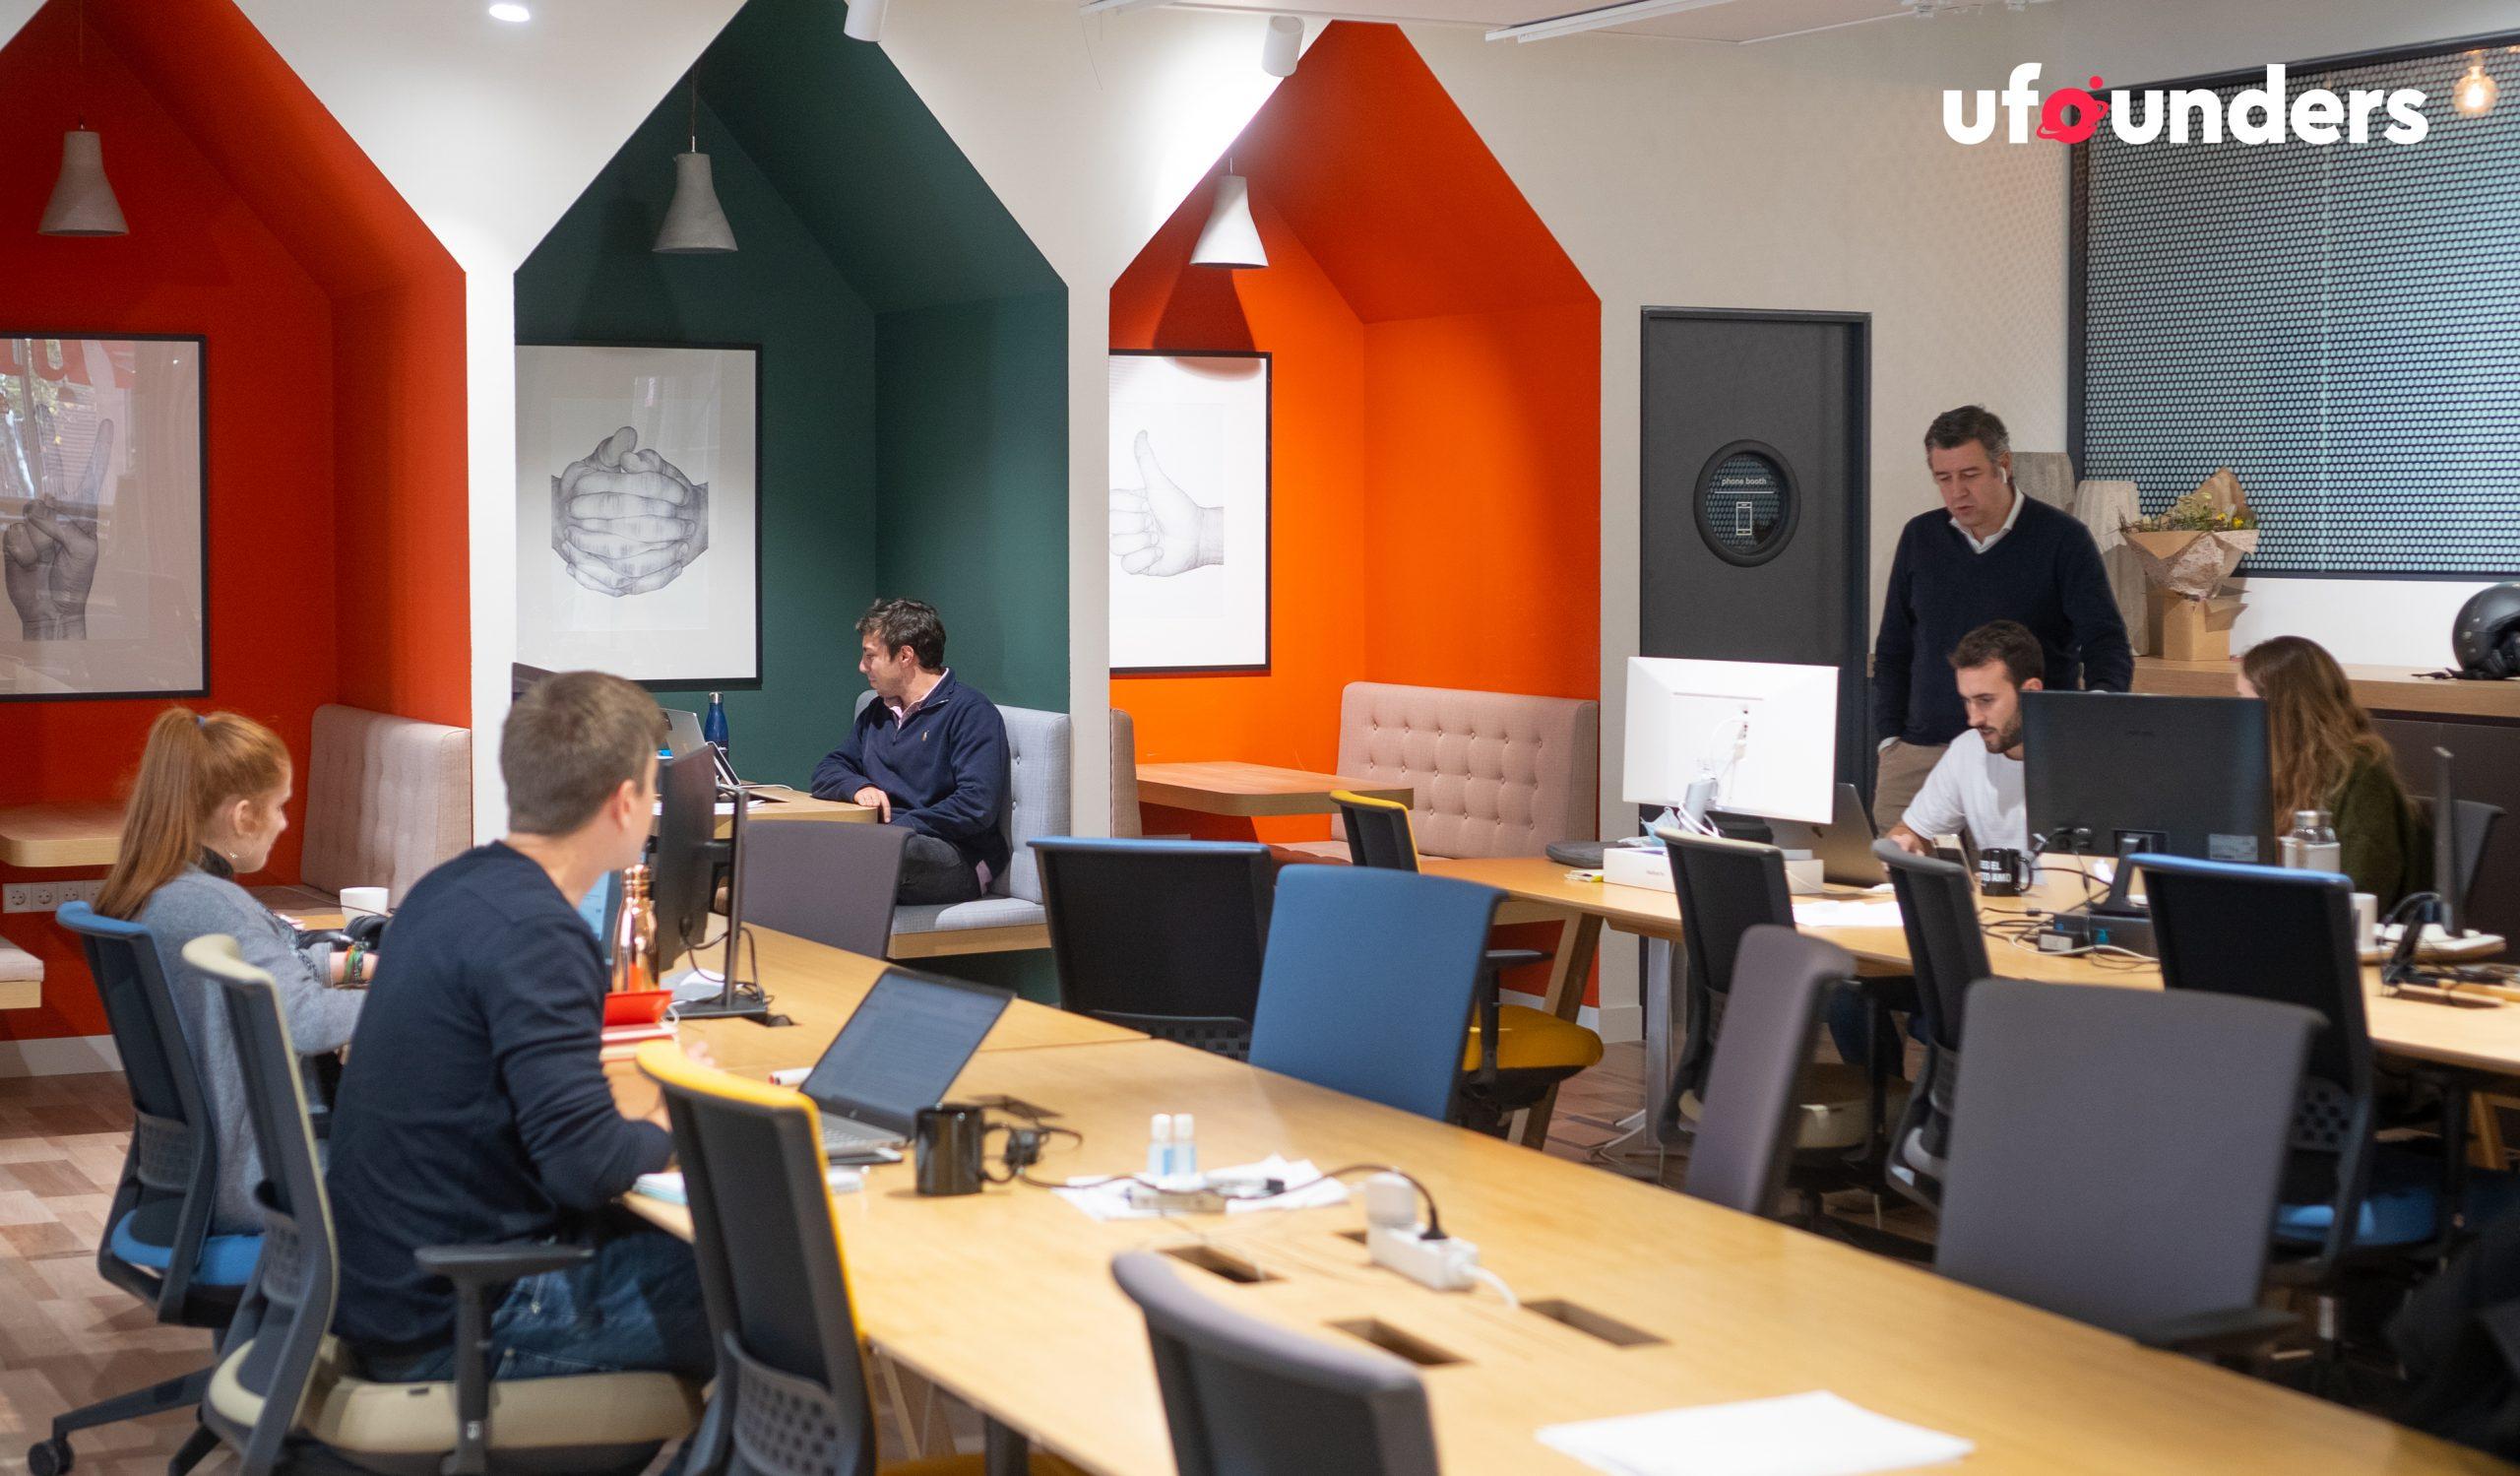 Ufounders es una incubadora y aceleradora de startups tecnológicas que ayuda a los emprendedores desde la fase de idea hasta la internacionalización y venta de la empresa.